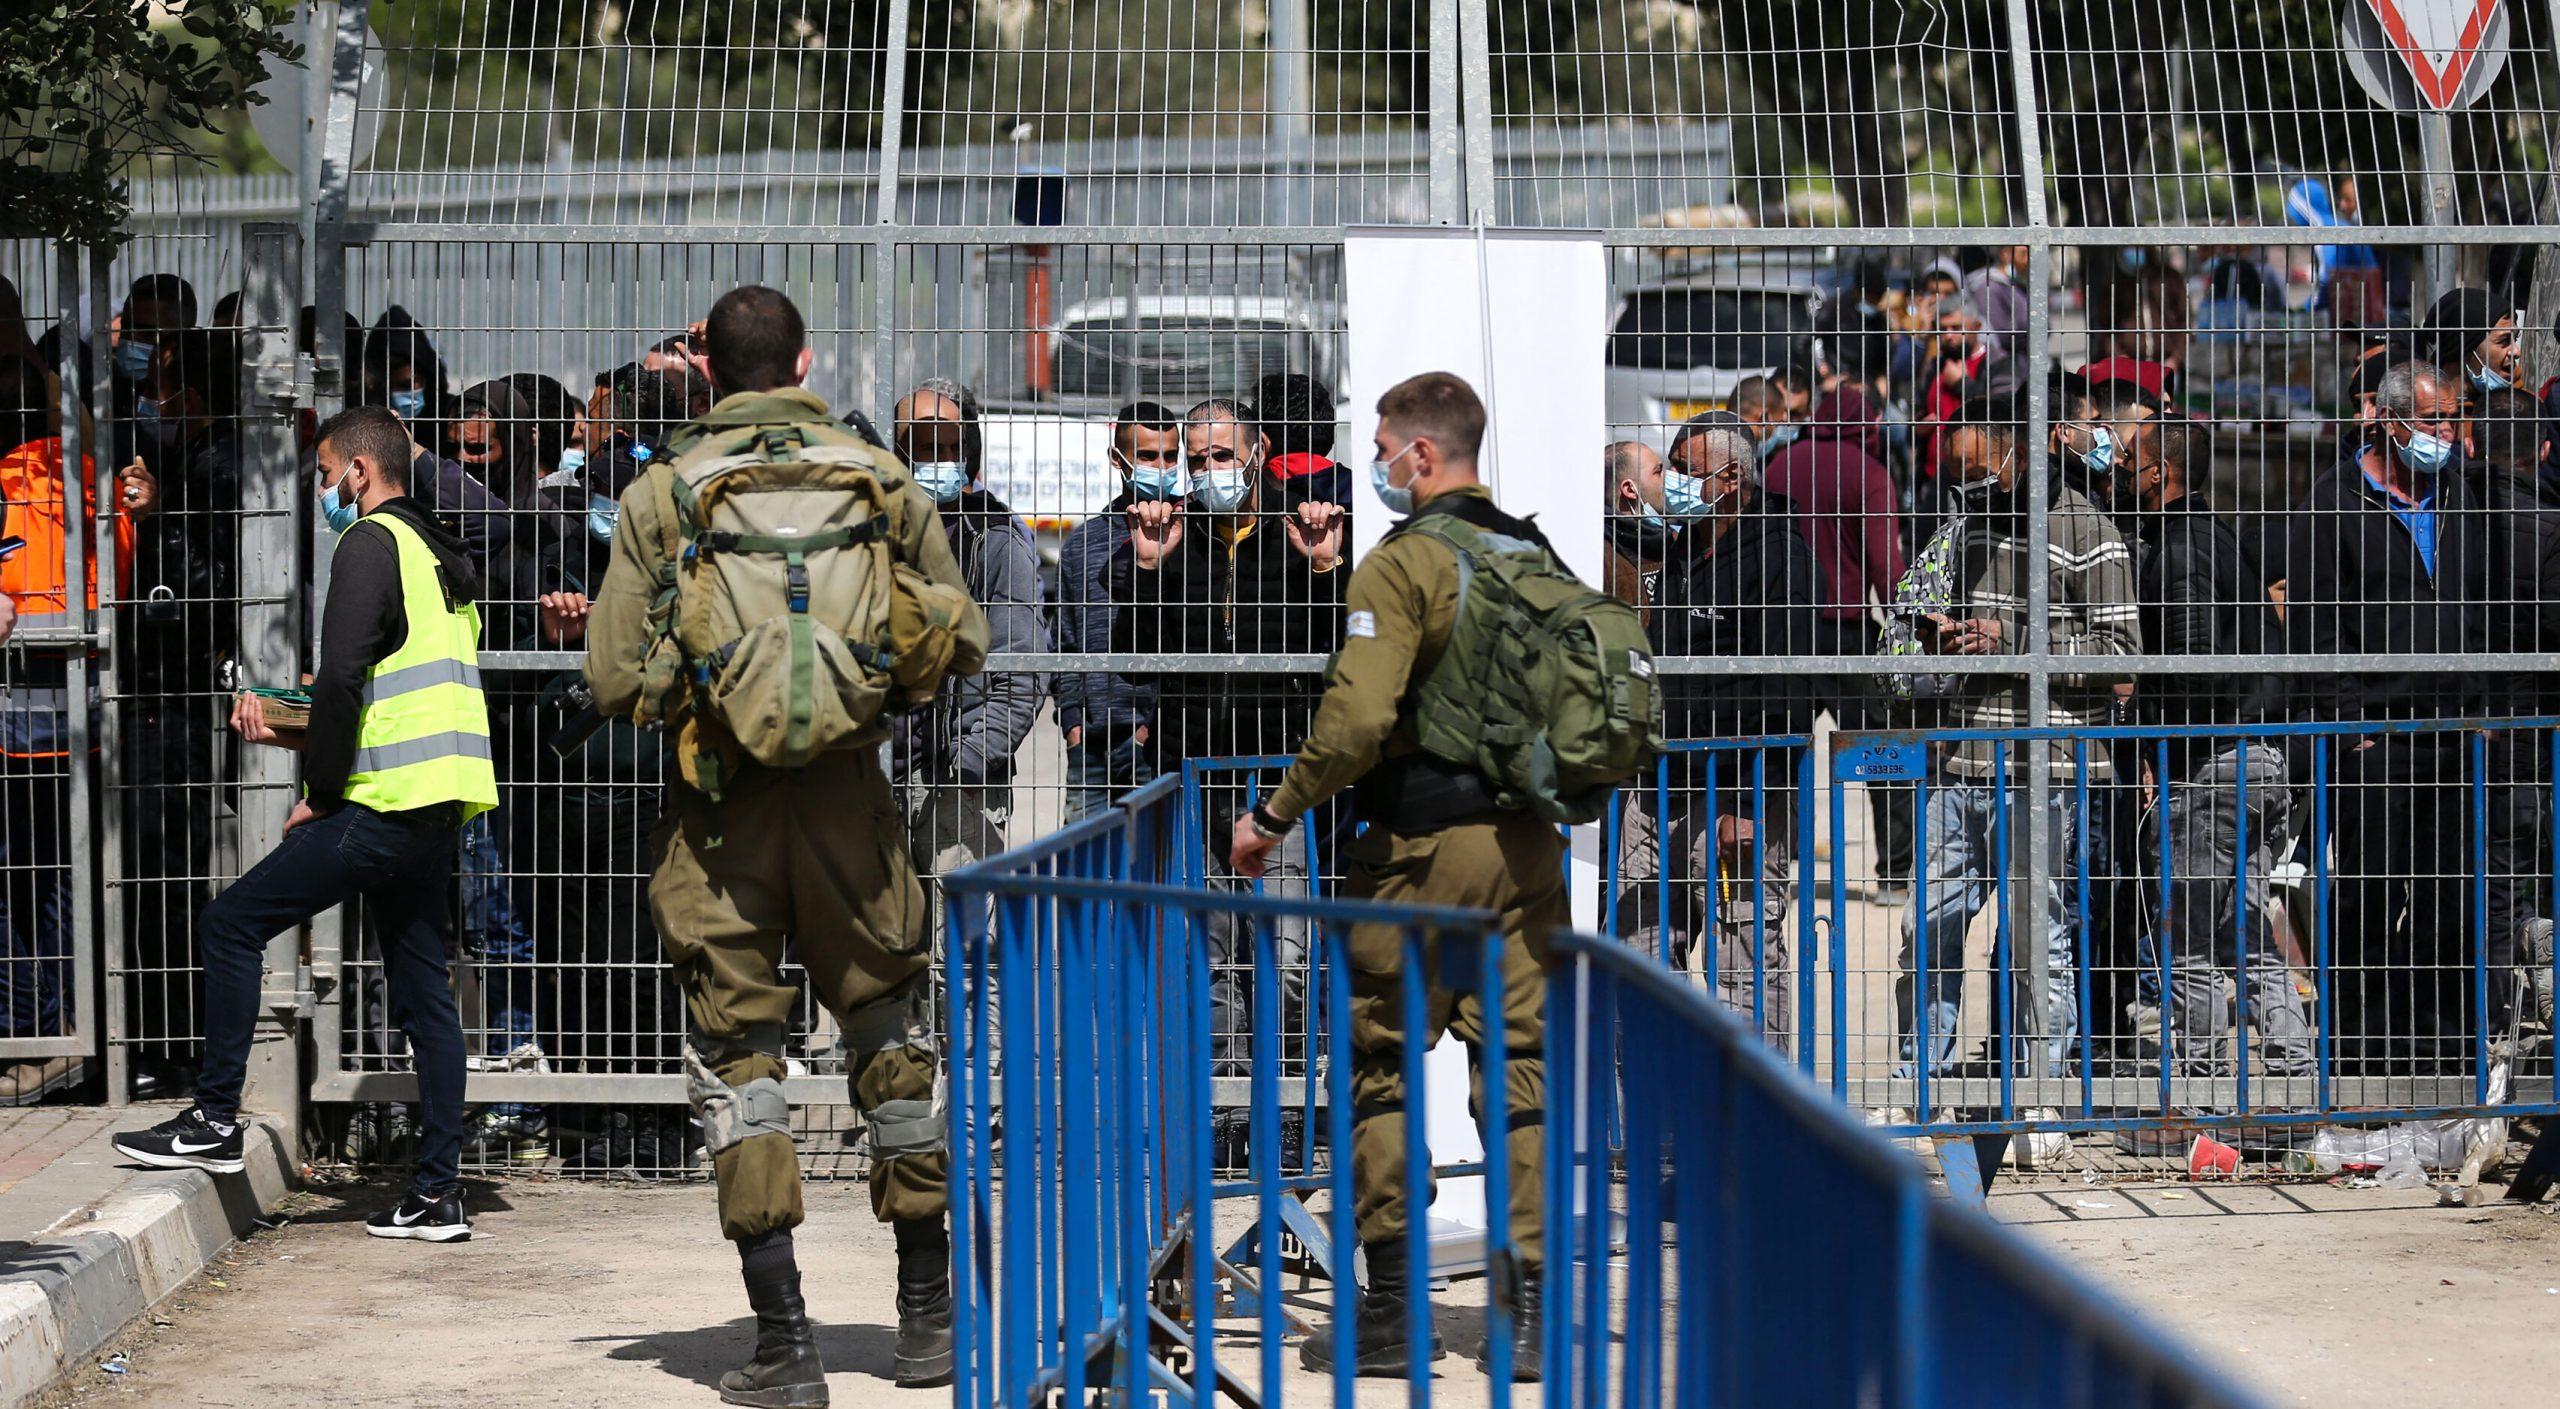 Israel împrumută palestinienilor 1,4 milioane de doze de vaccin anti-Covid aproape expirate și așteaptă unele proaspete la schimb